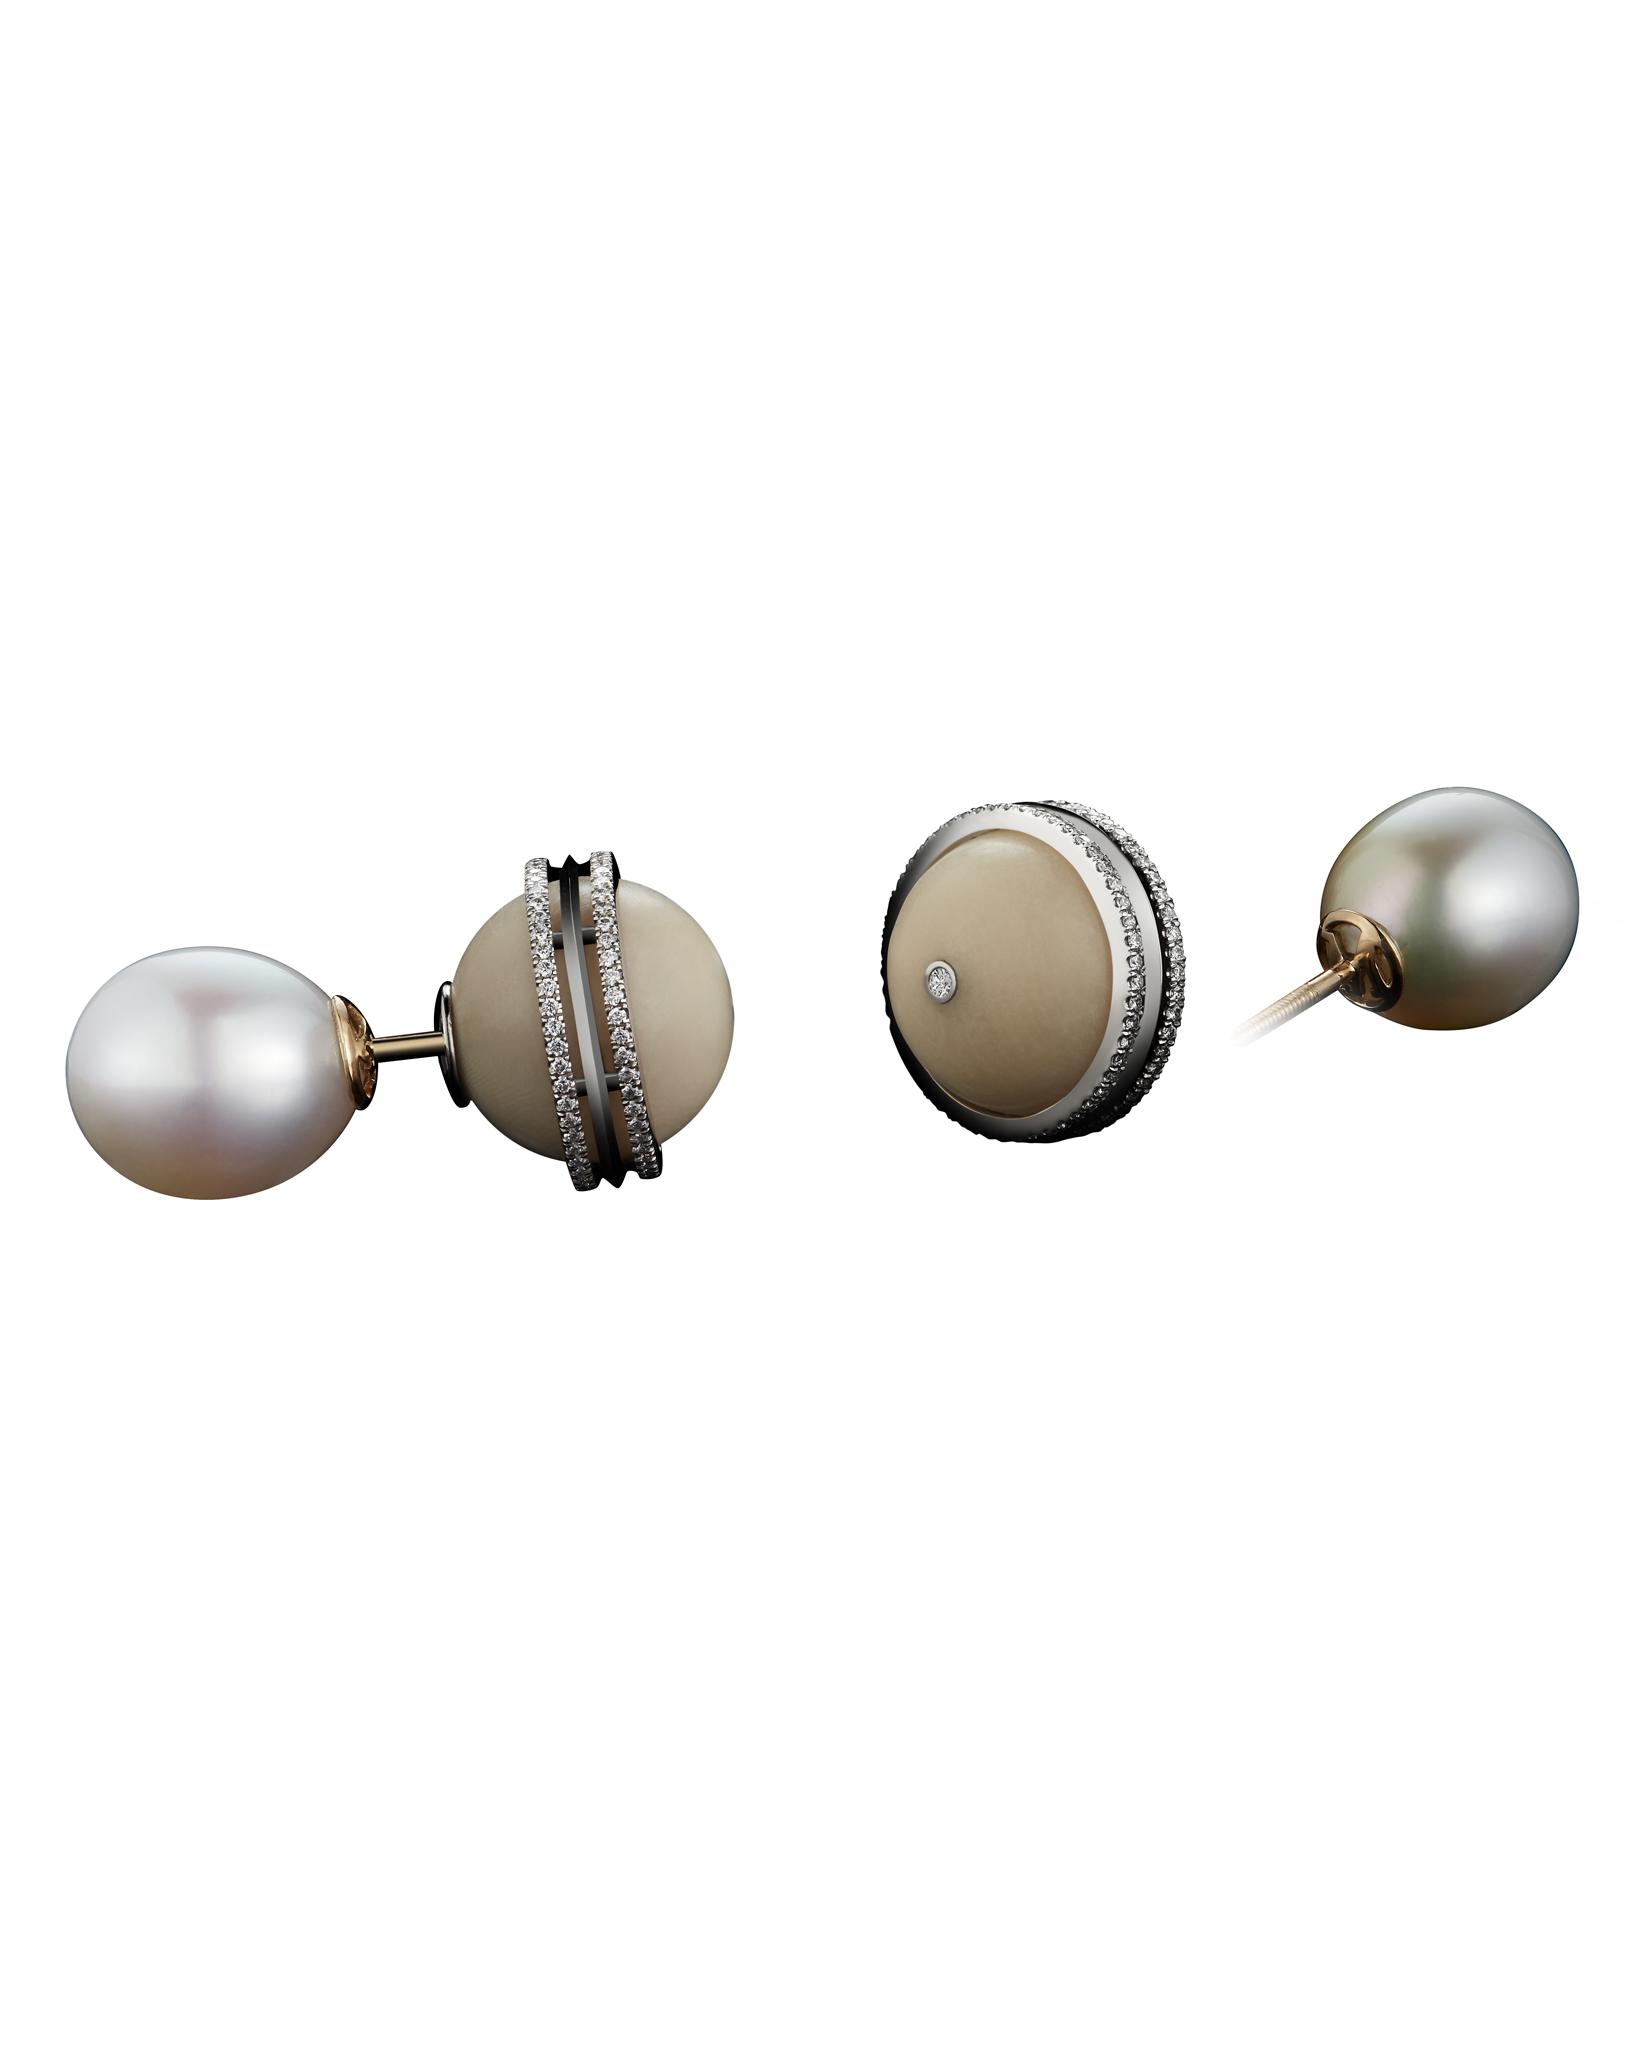 Alexandra Mor earrings